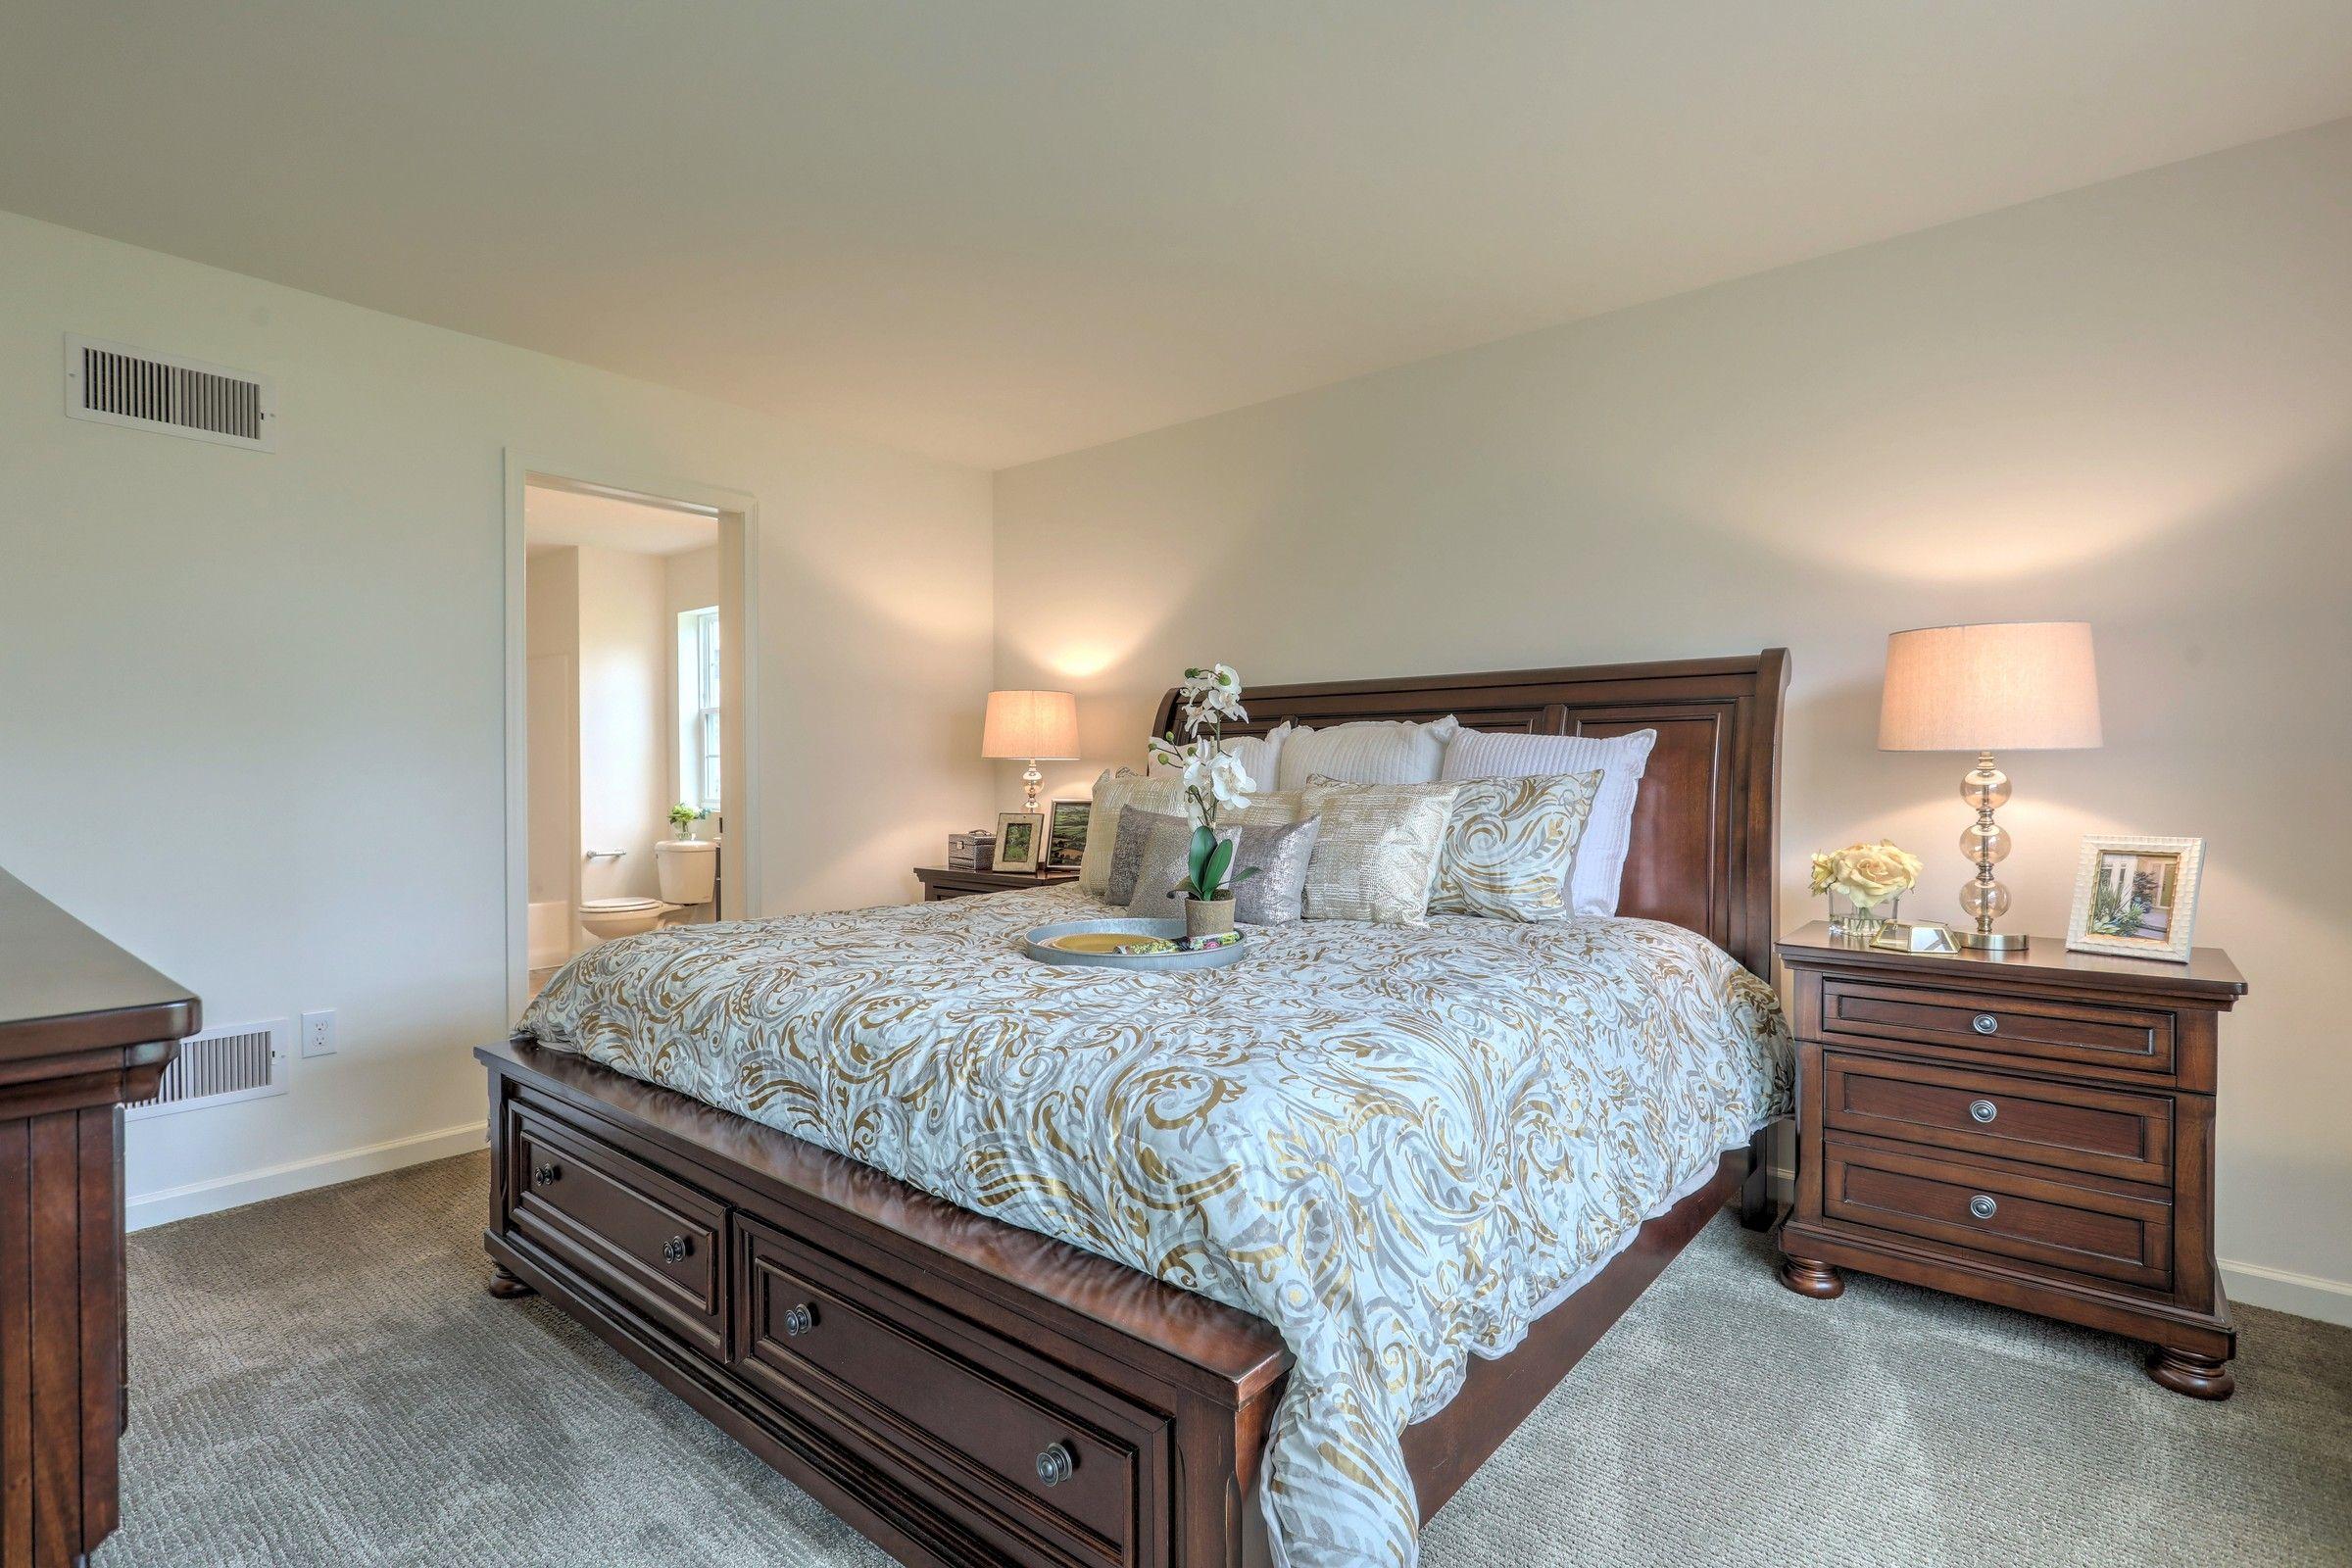 Bedroom featured in the Andrews Vintage By Keystone Custom Homes in Philadelphia, PA